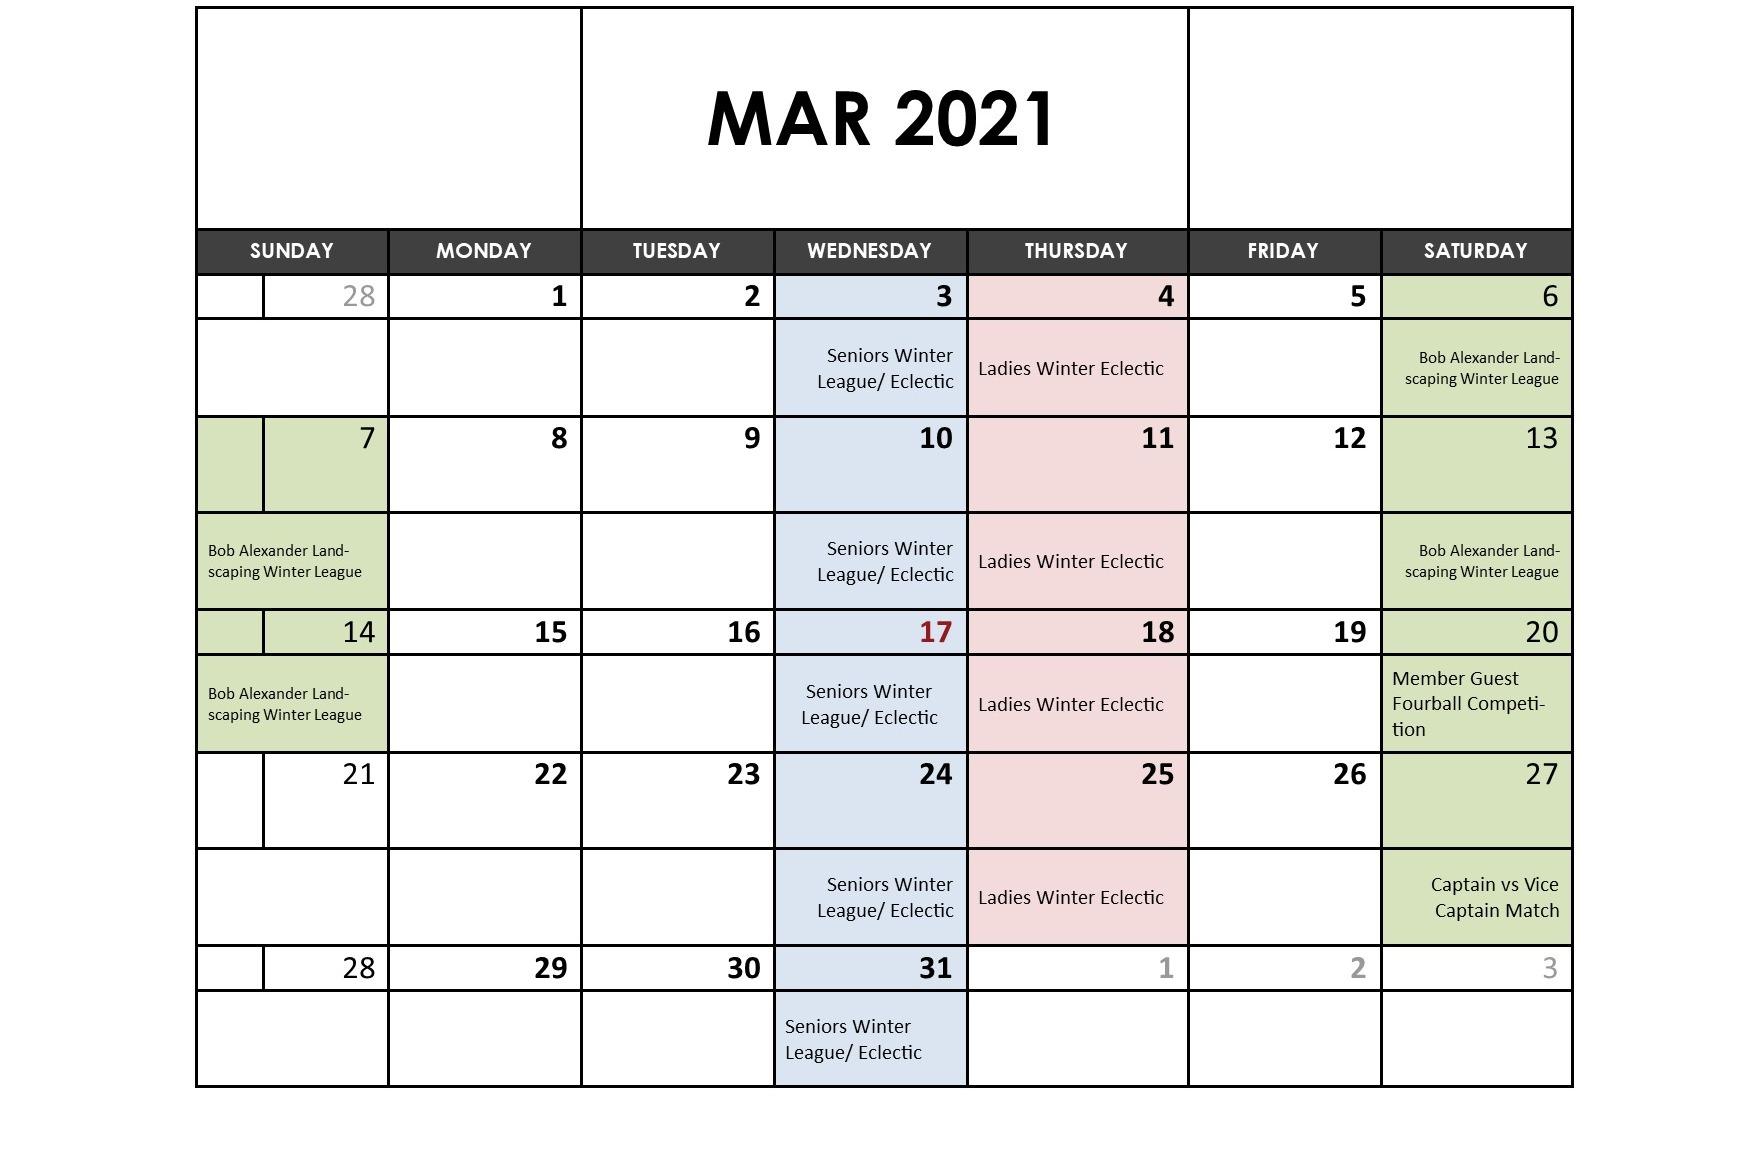 March 2021 Fixtures